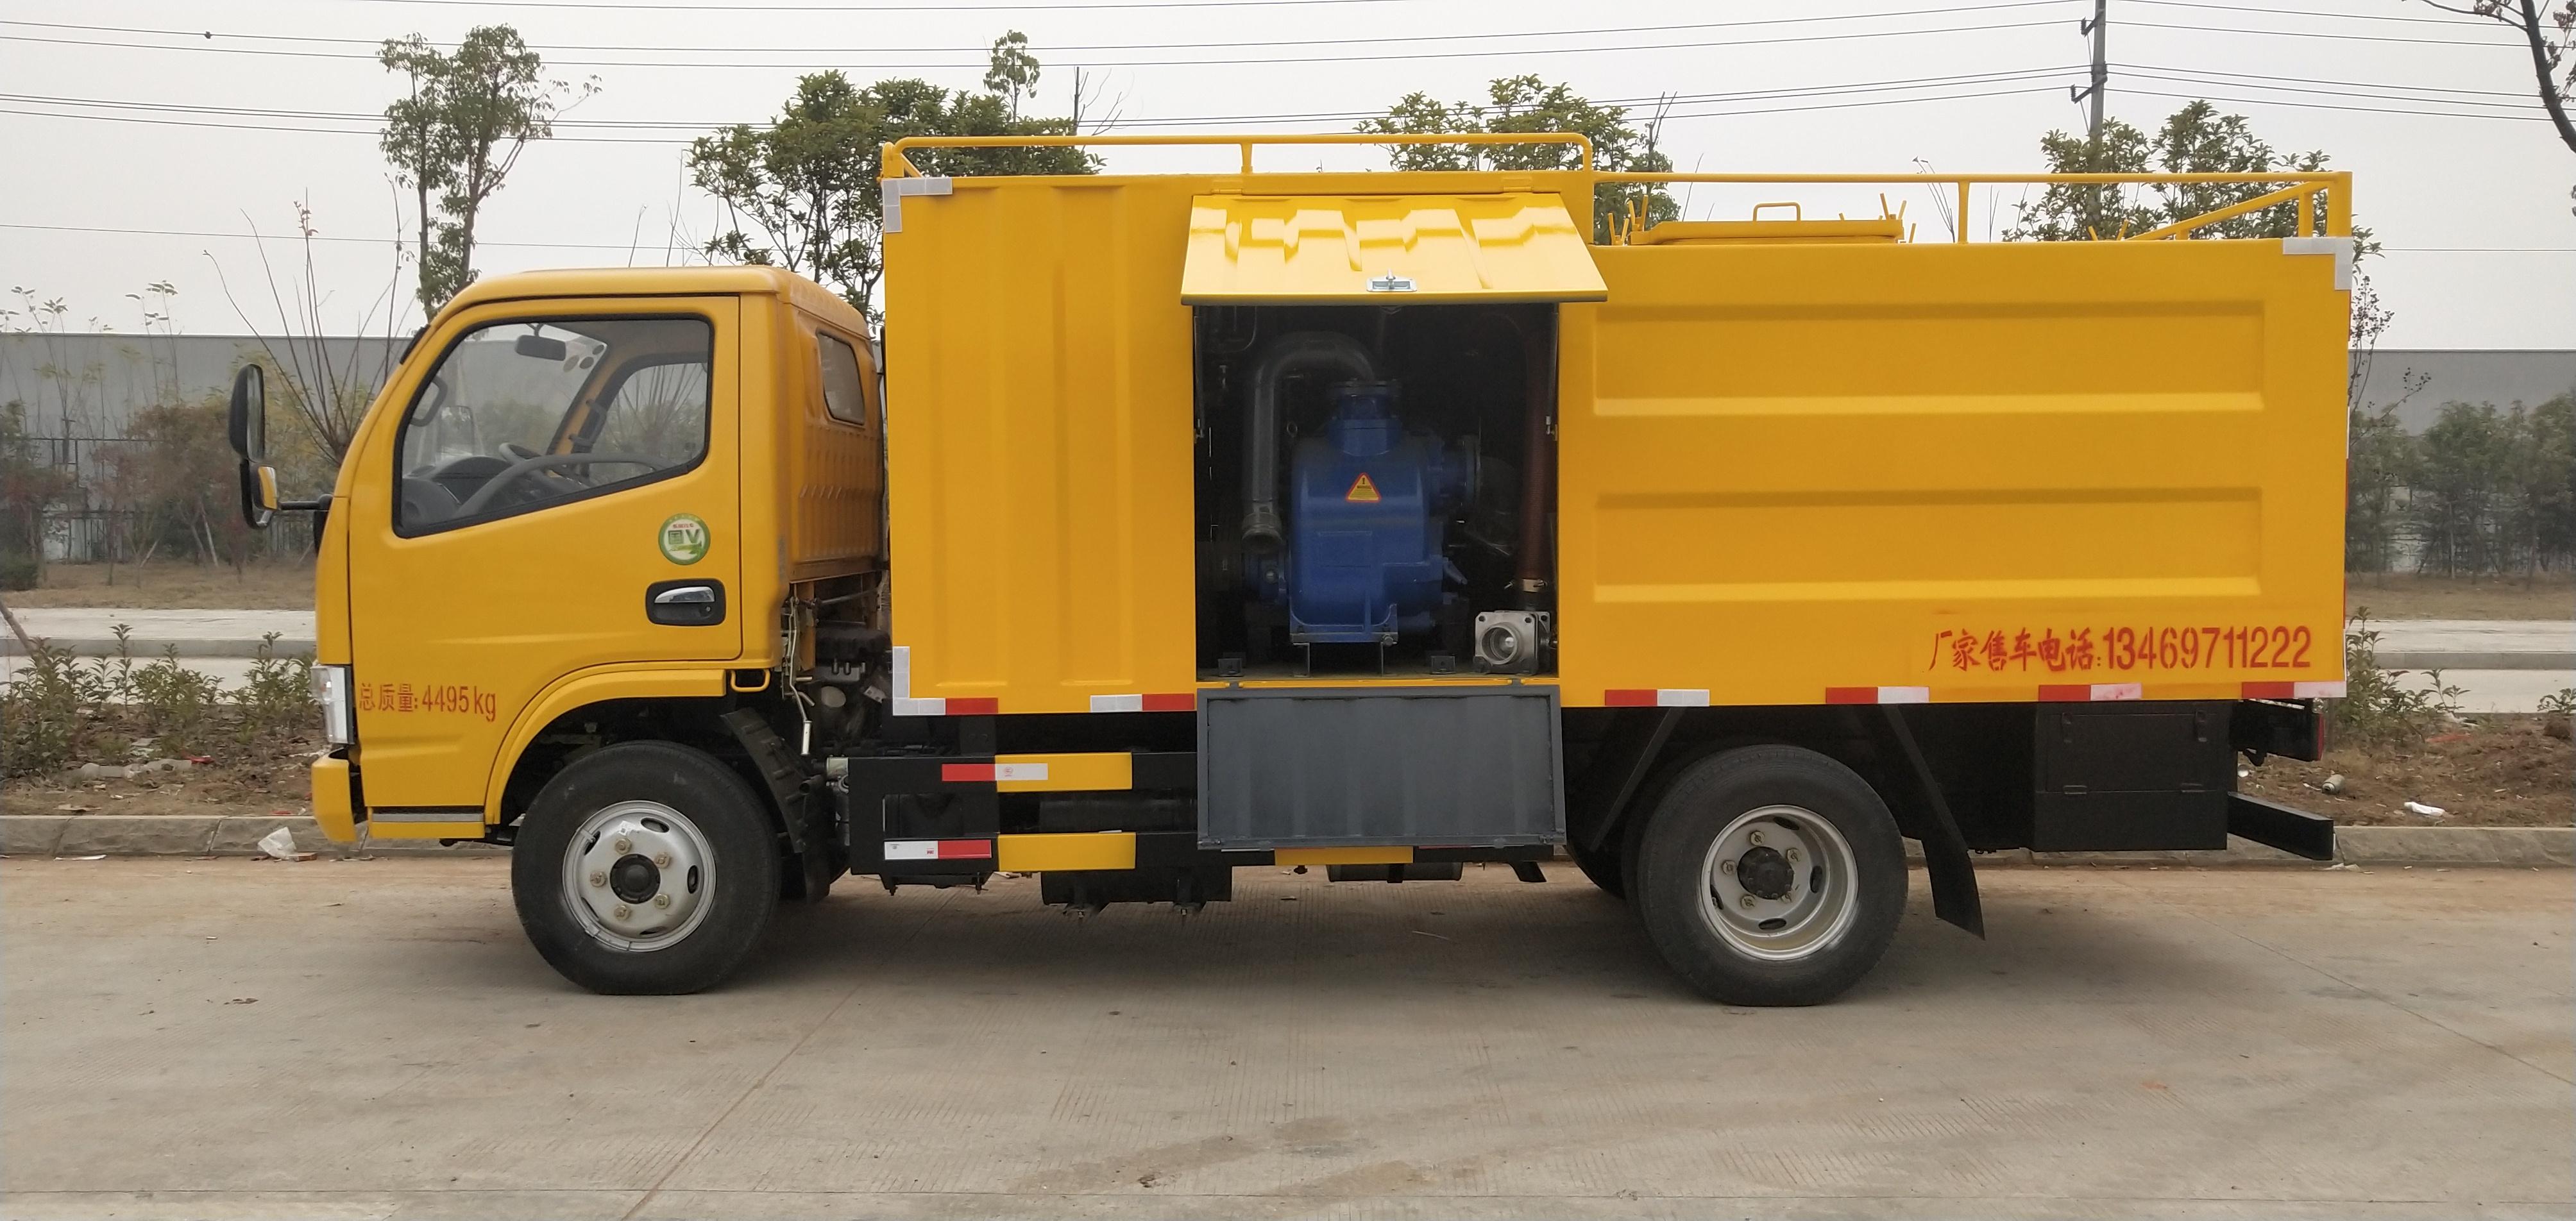 多利卡6方污水处理车,整车高度不超2.2图片